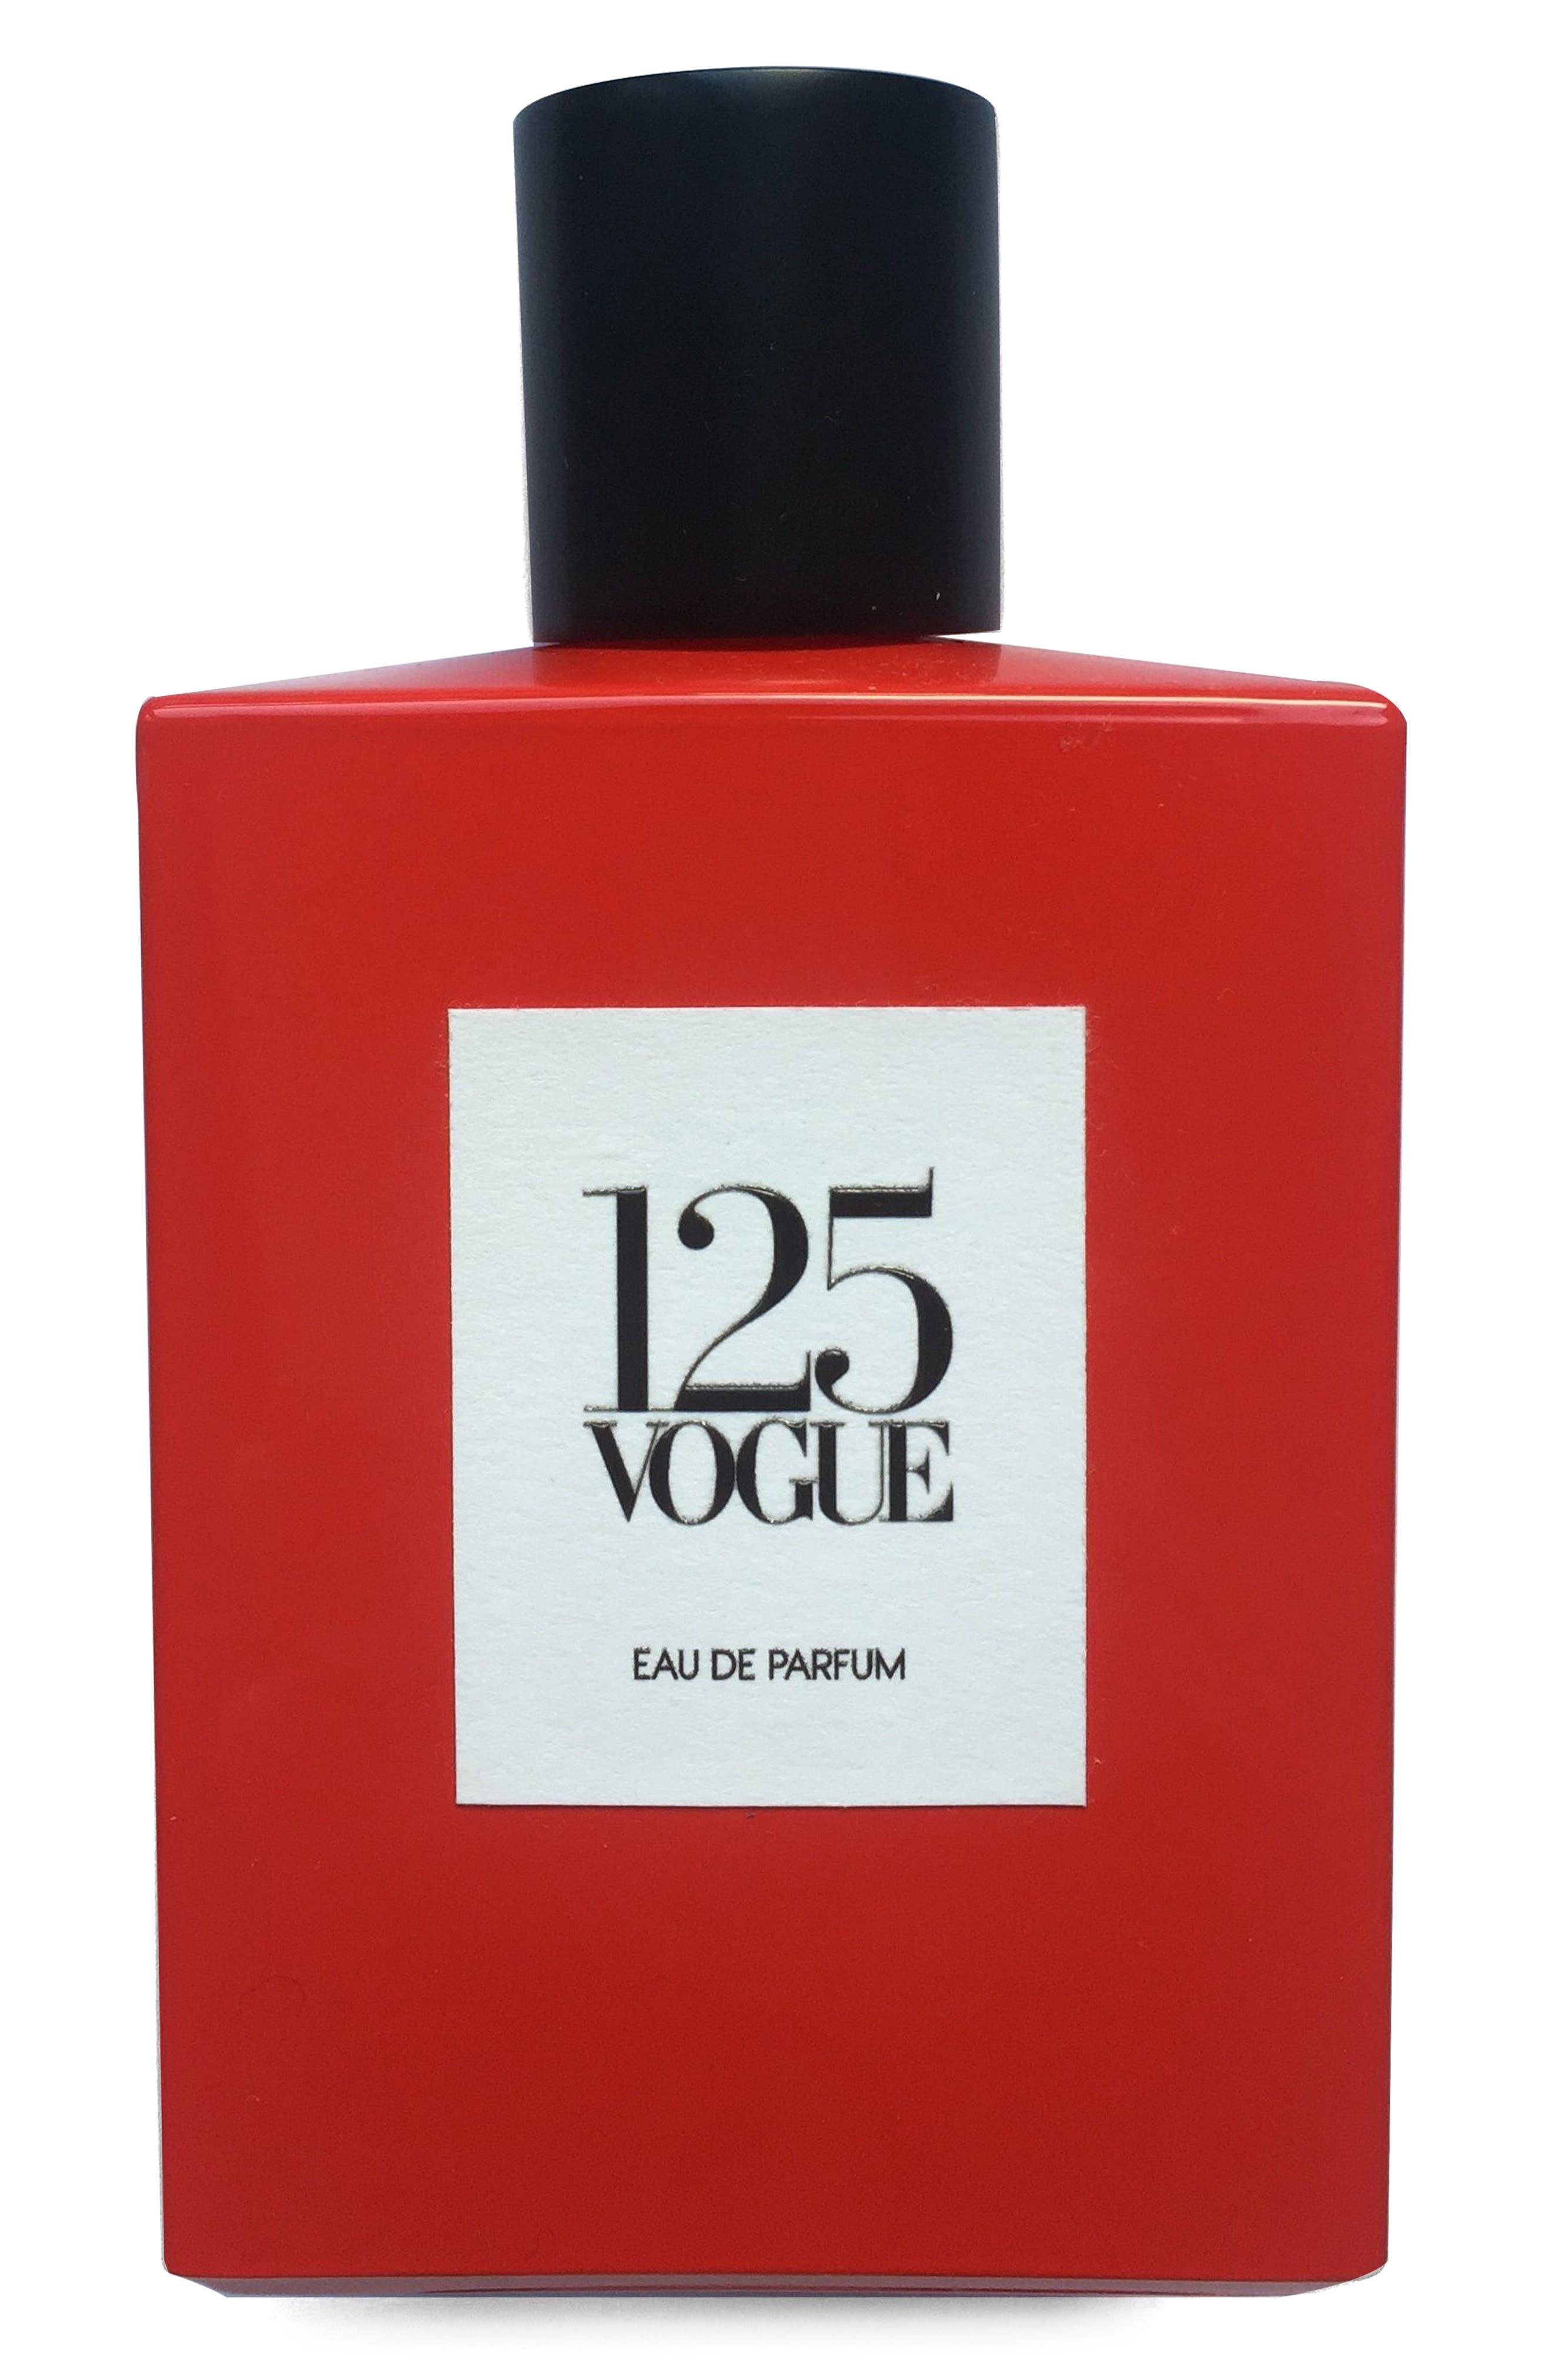 Main Image - Comme des Garçons 125 Vogue Eau de Parfum